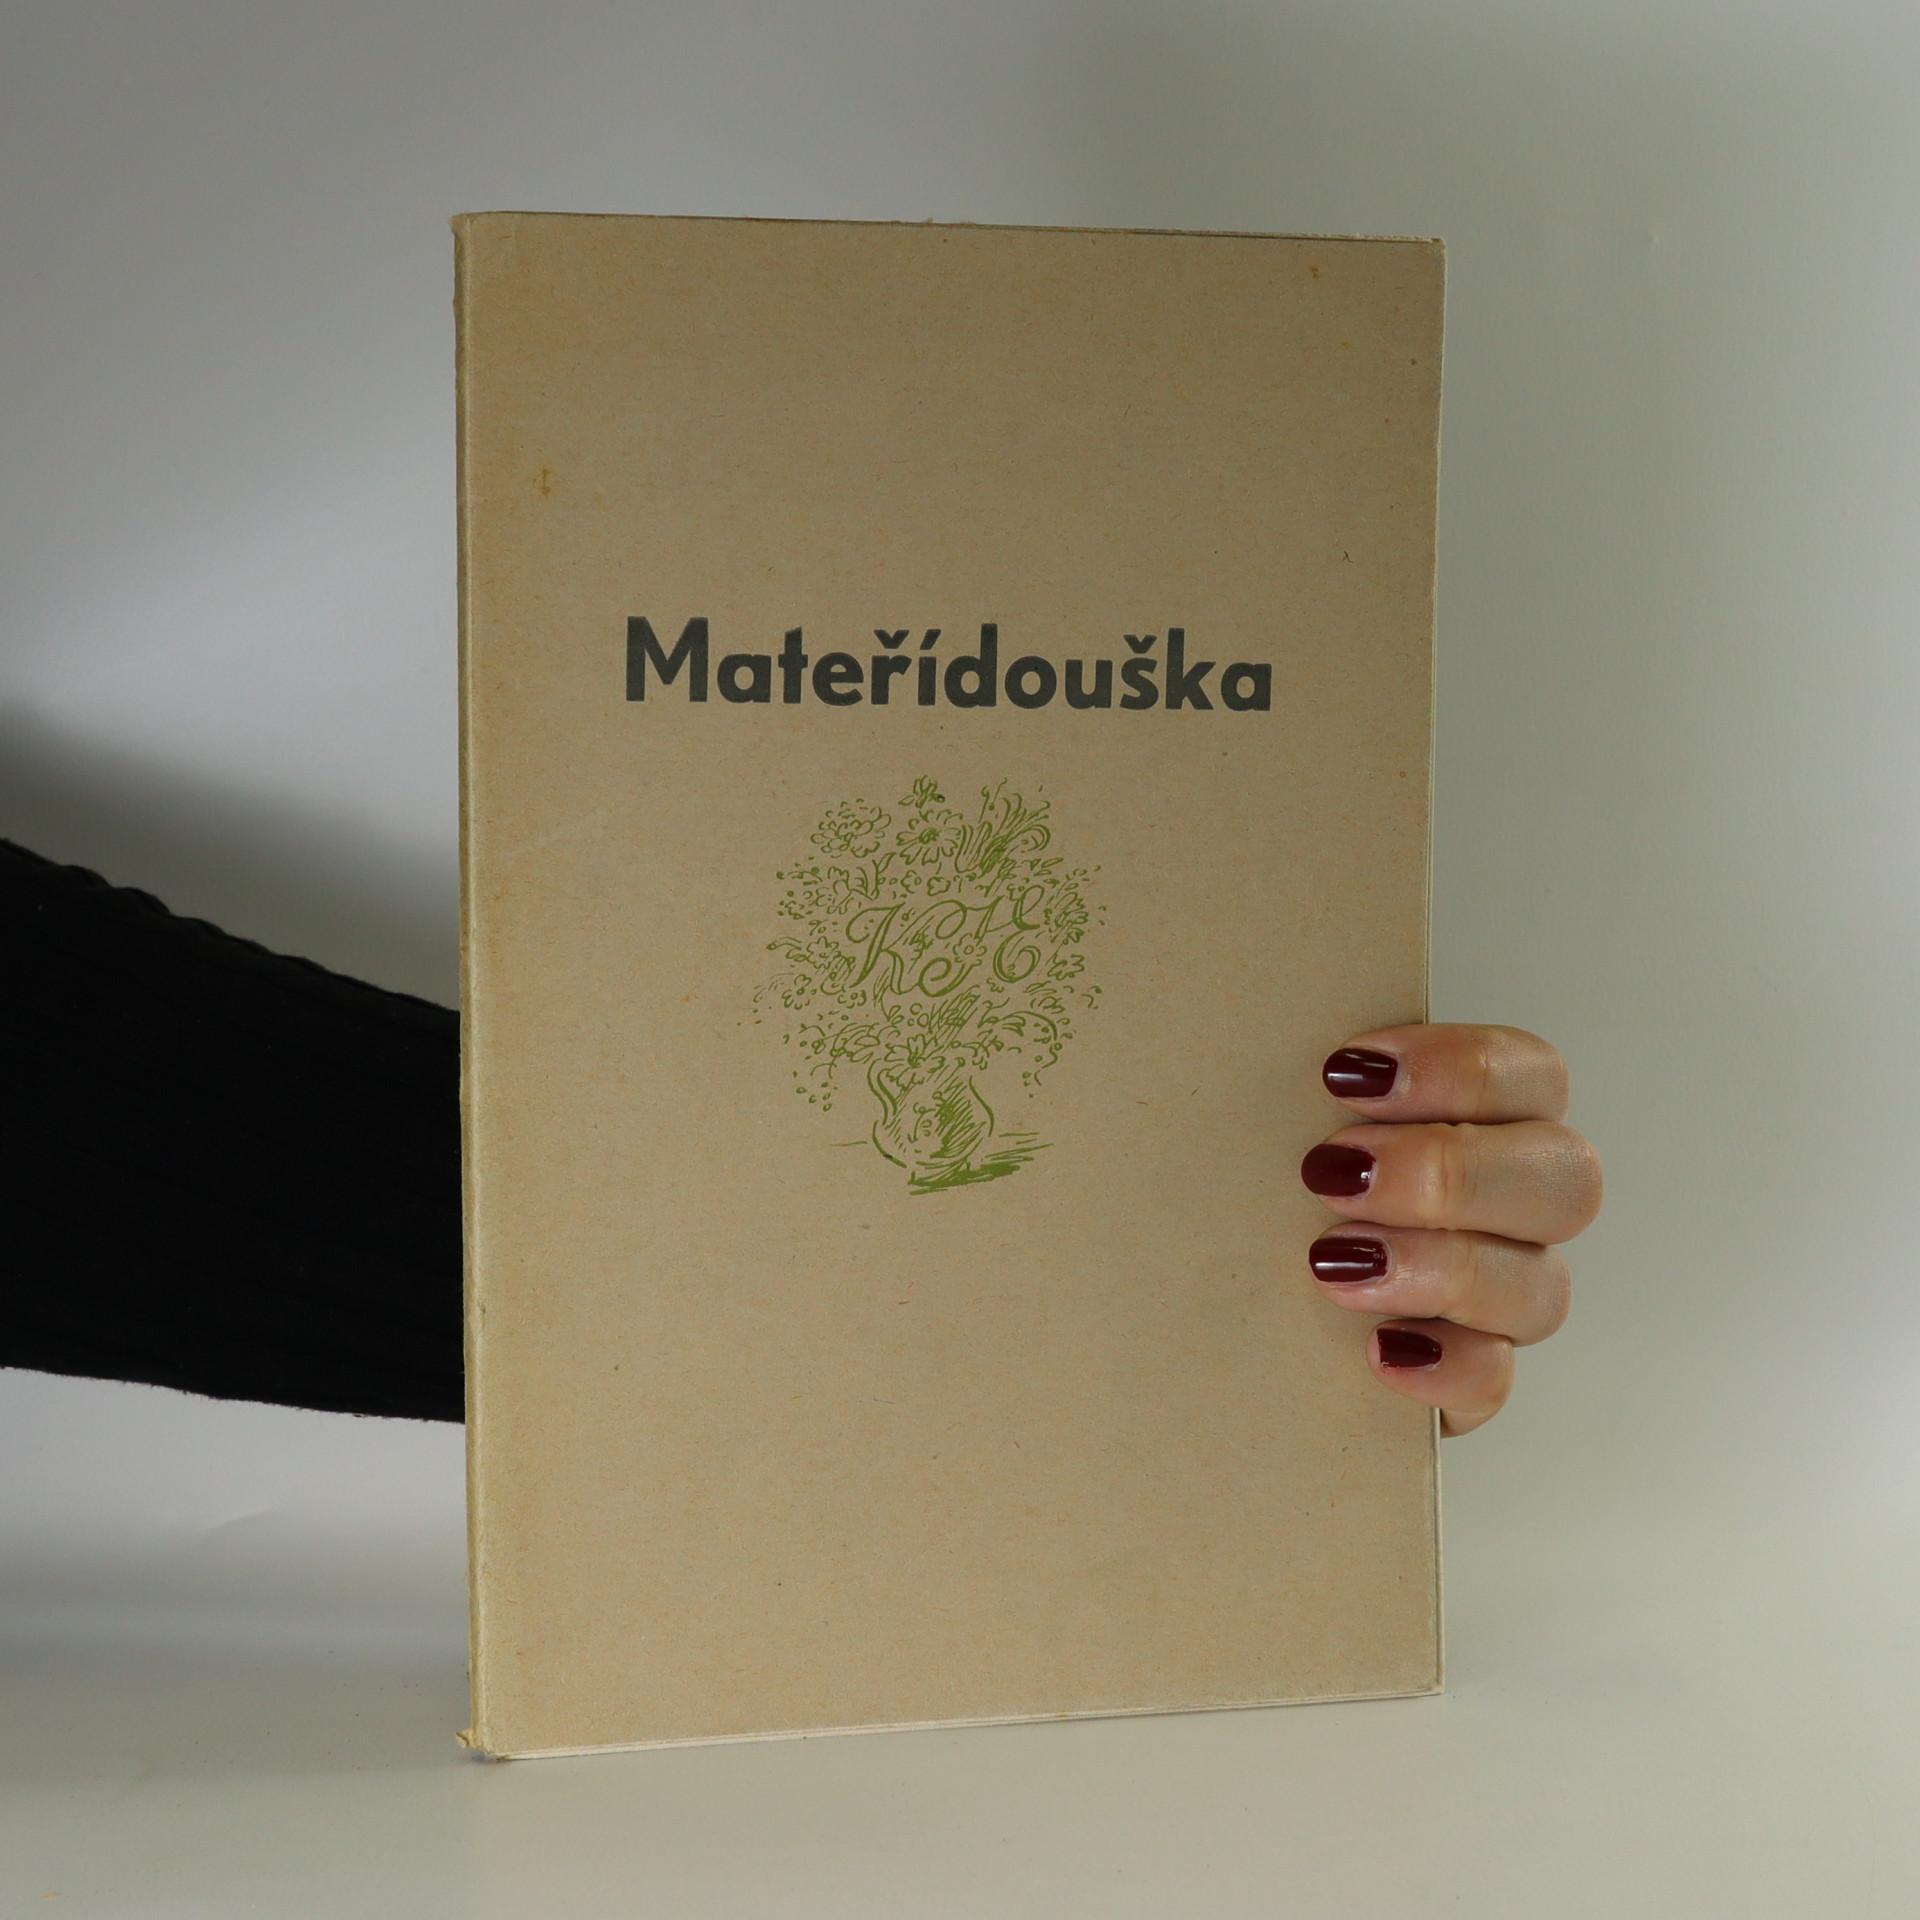 antikvární kniha Mateřídouška, 1946